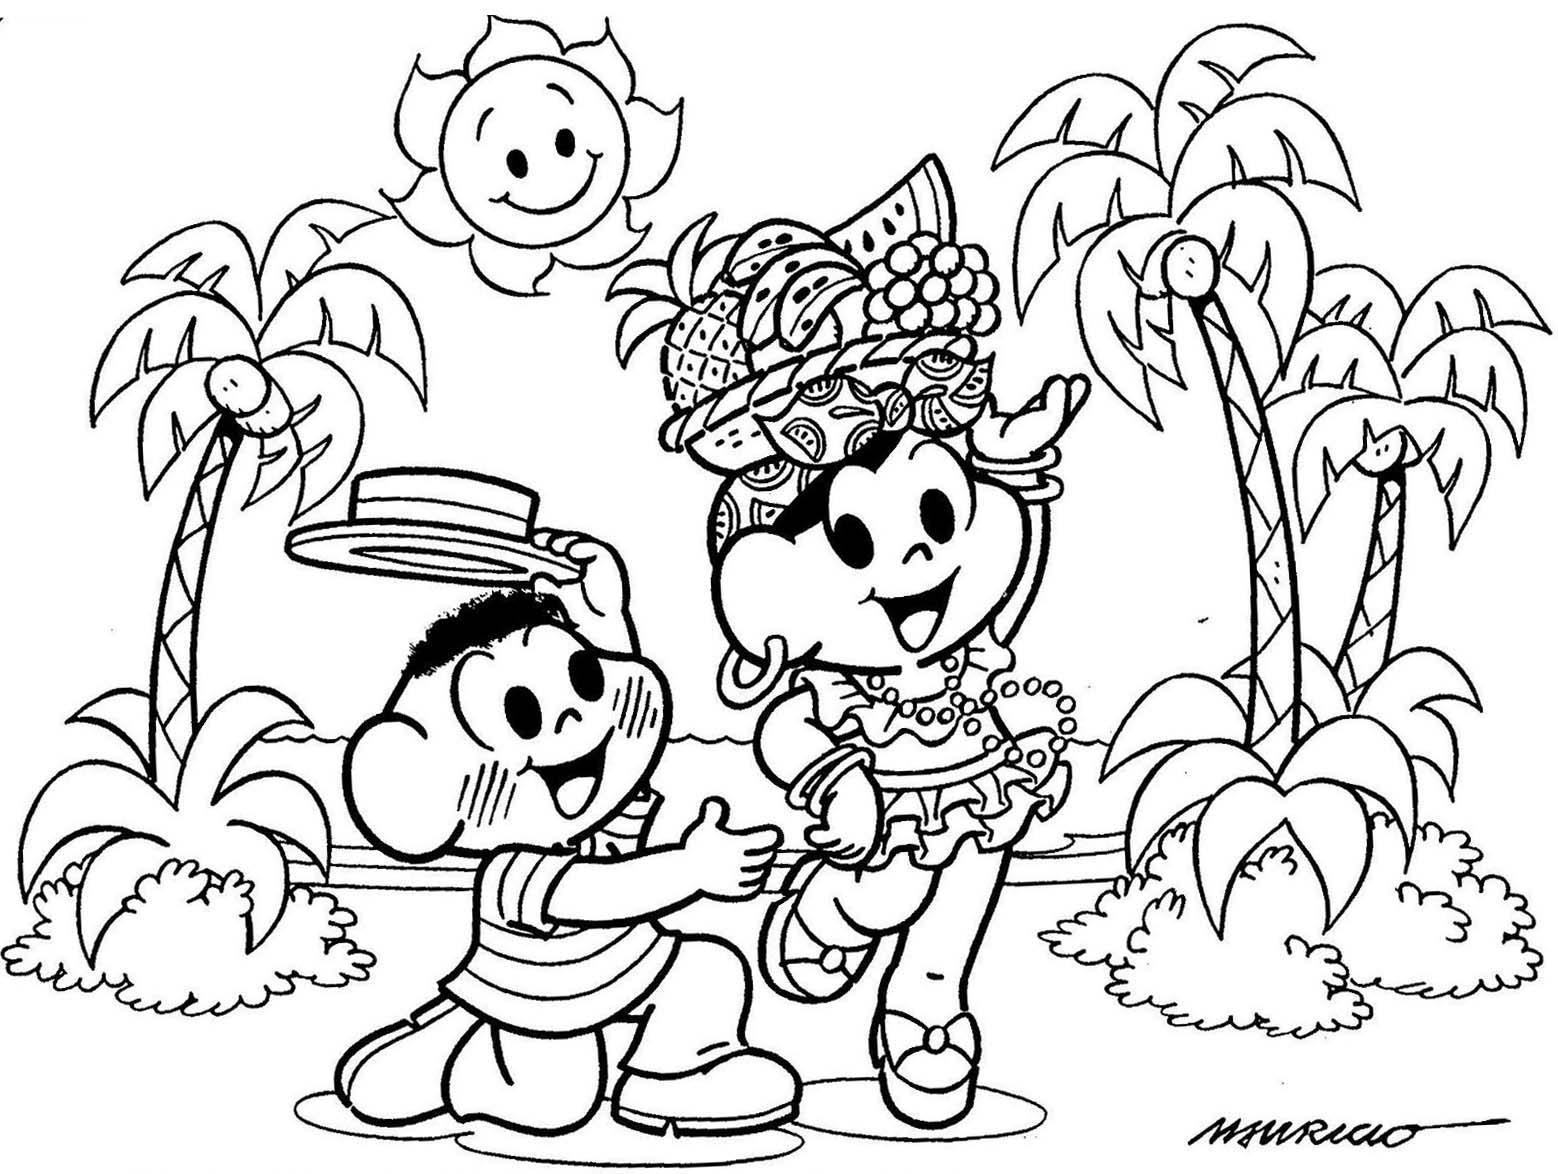 O ato de colorir desenhos ajuda a criança em diversos aspectos (Foto: Divulgação)